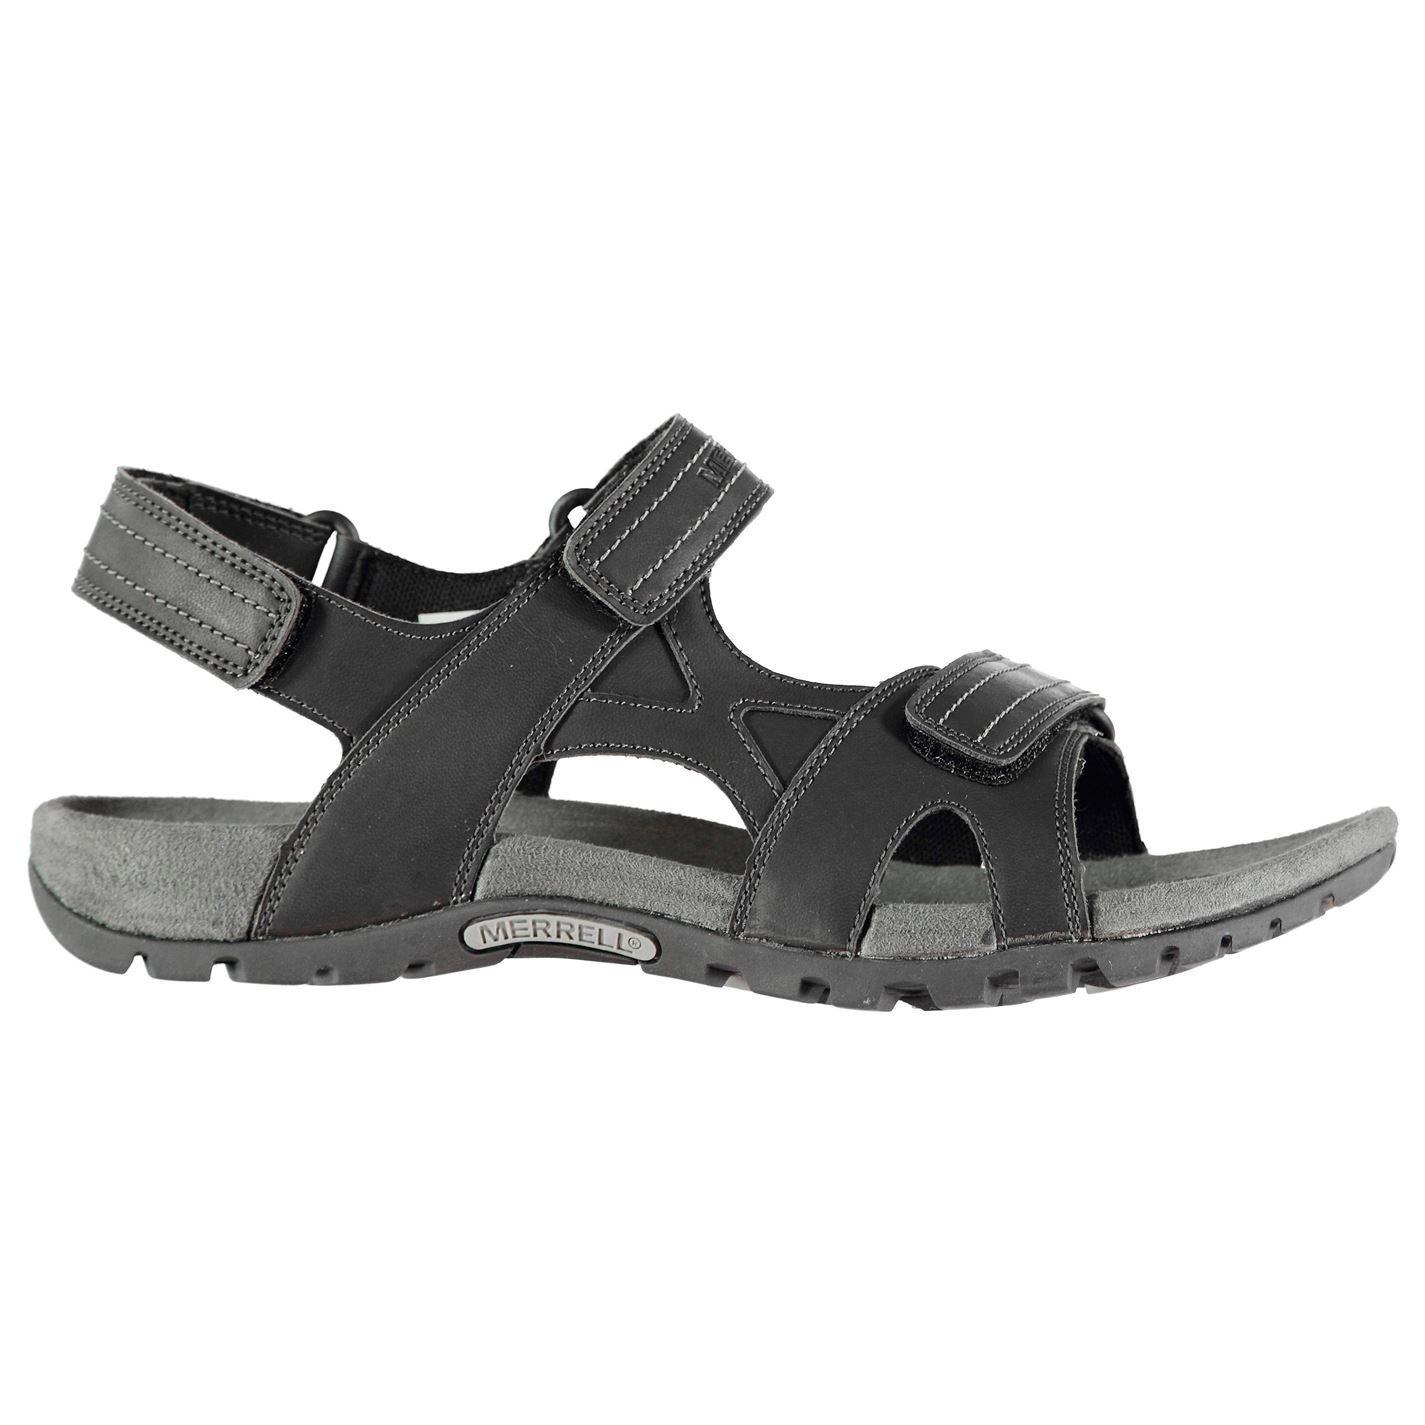 Merrell-Sandspur-Rift-Strap-Mens-Sandals-Outdoor-Footwear-Flip-Flops thumbnail 4